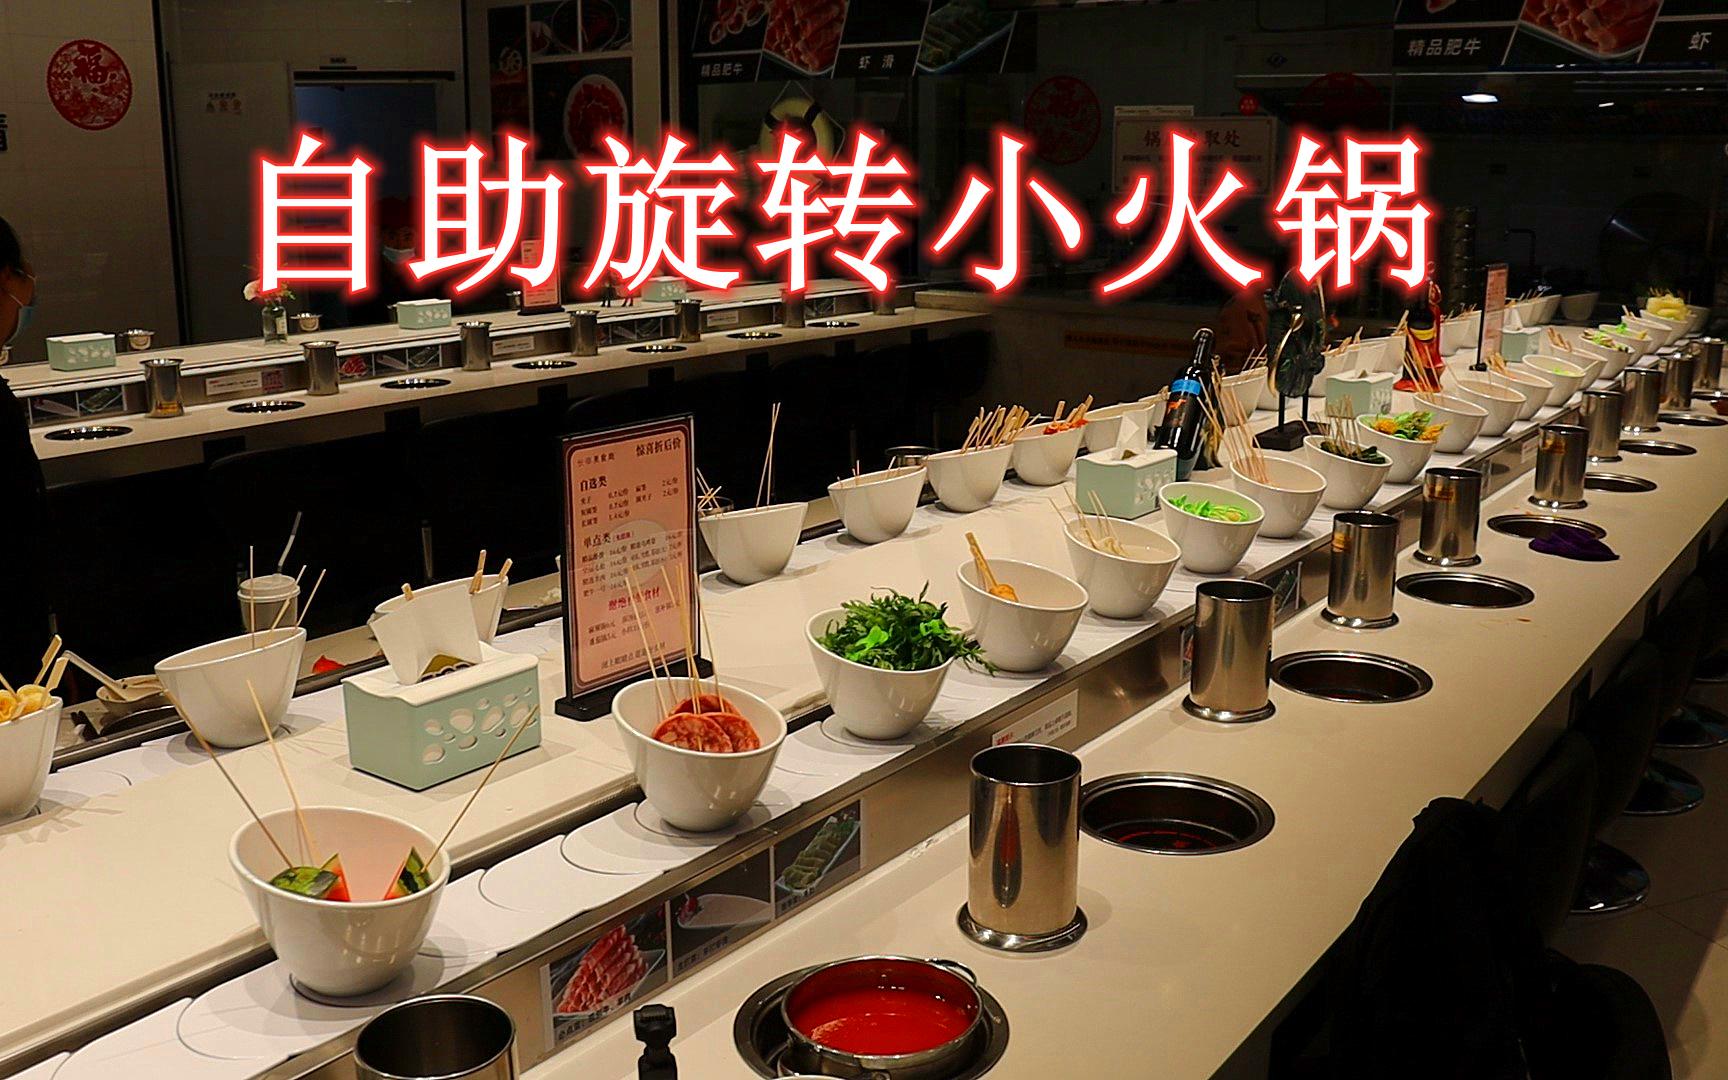 1根签子块儿八毛,自取自拿的旋转小火锅,你要多少钱才能吃饱?